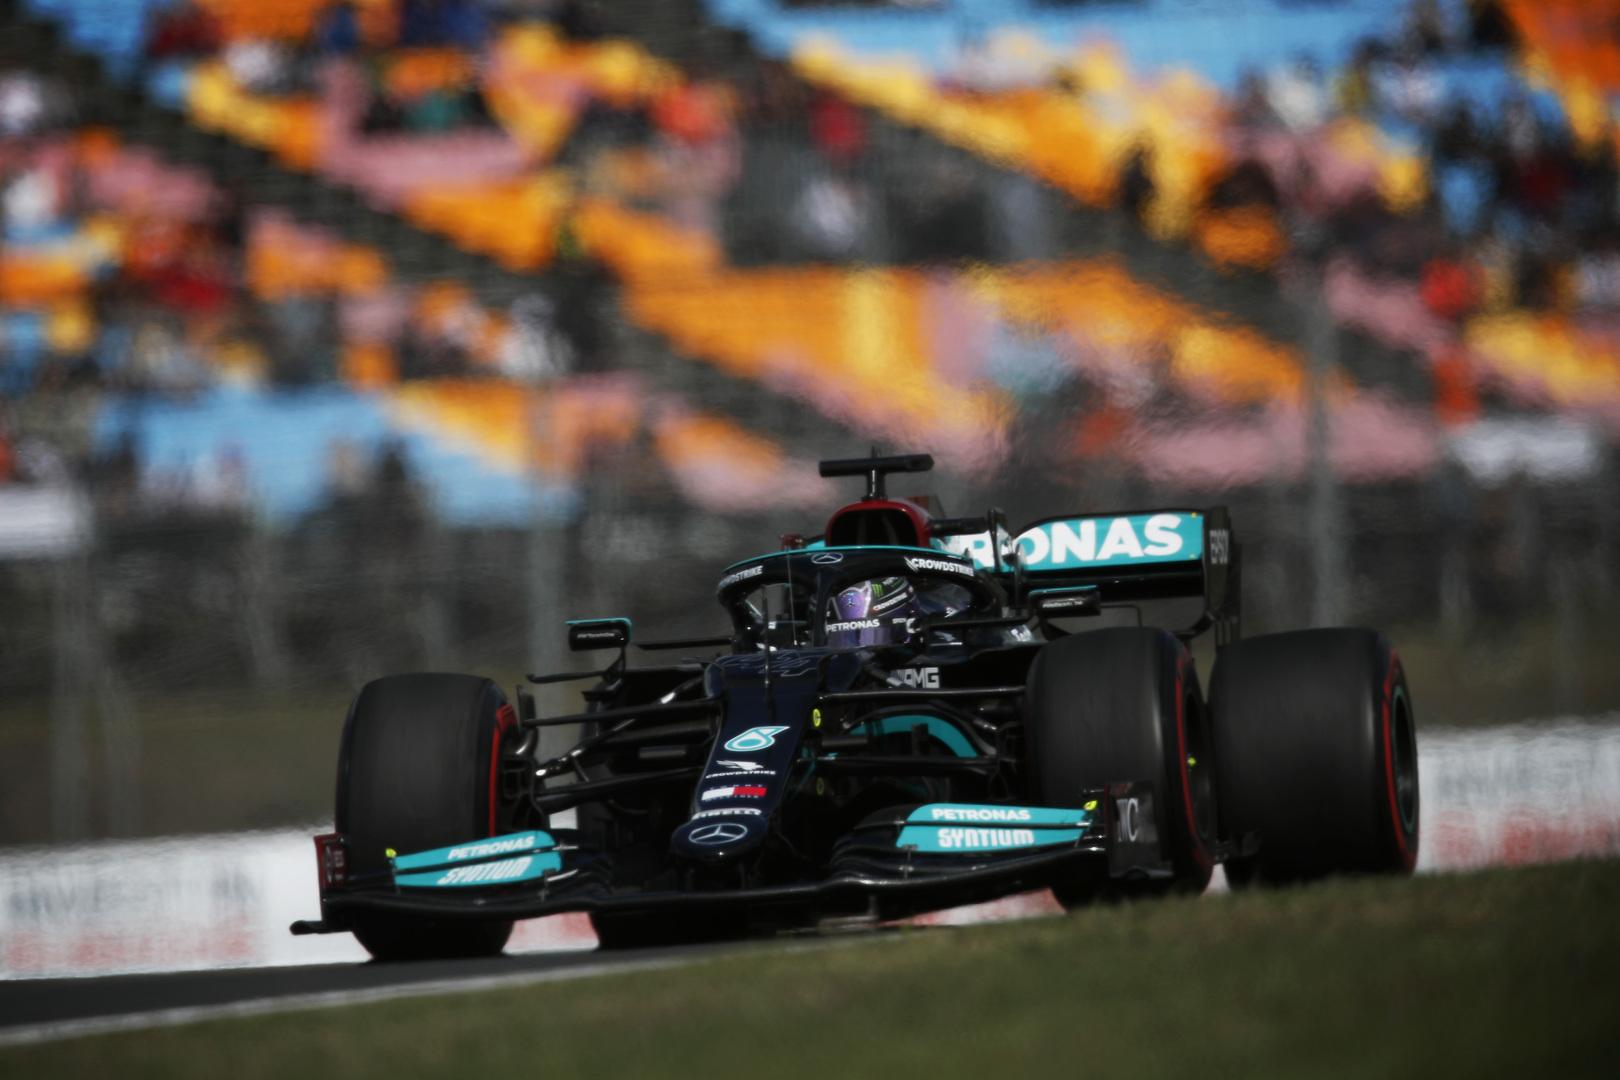 T. Wolffas: supratome, kad Lewisas nepasieks finišo